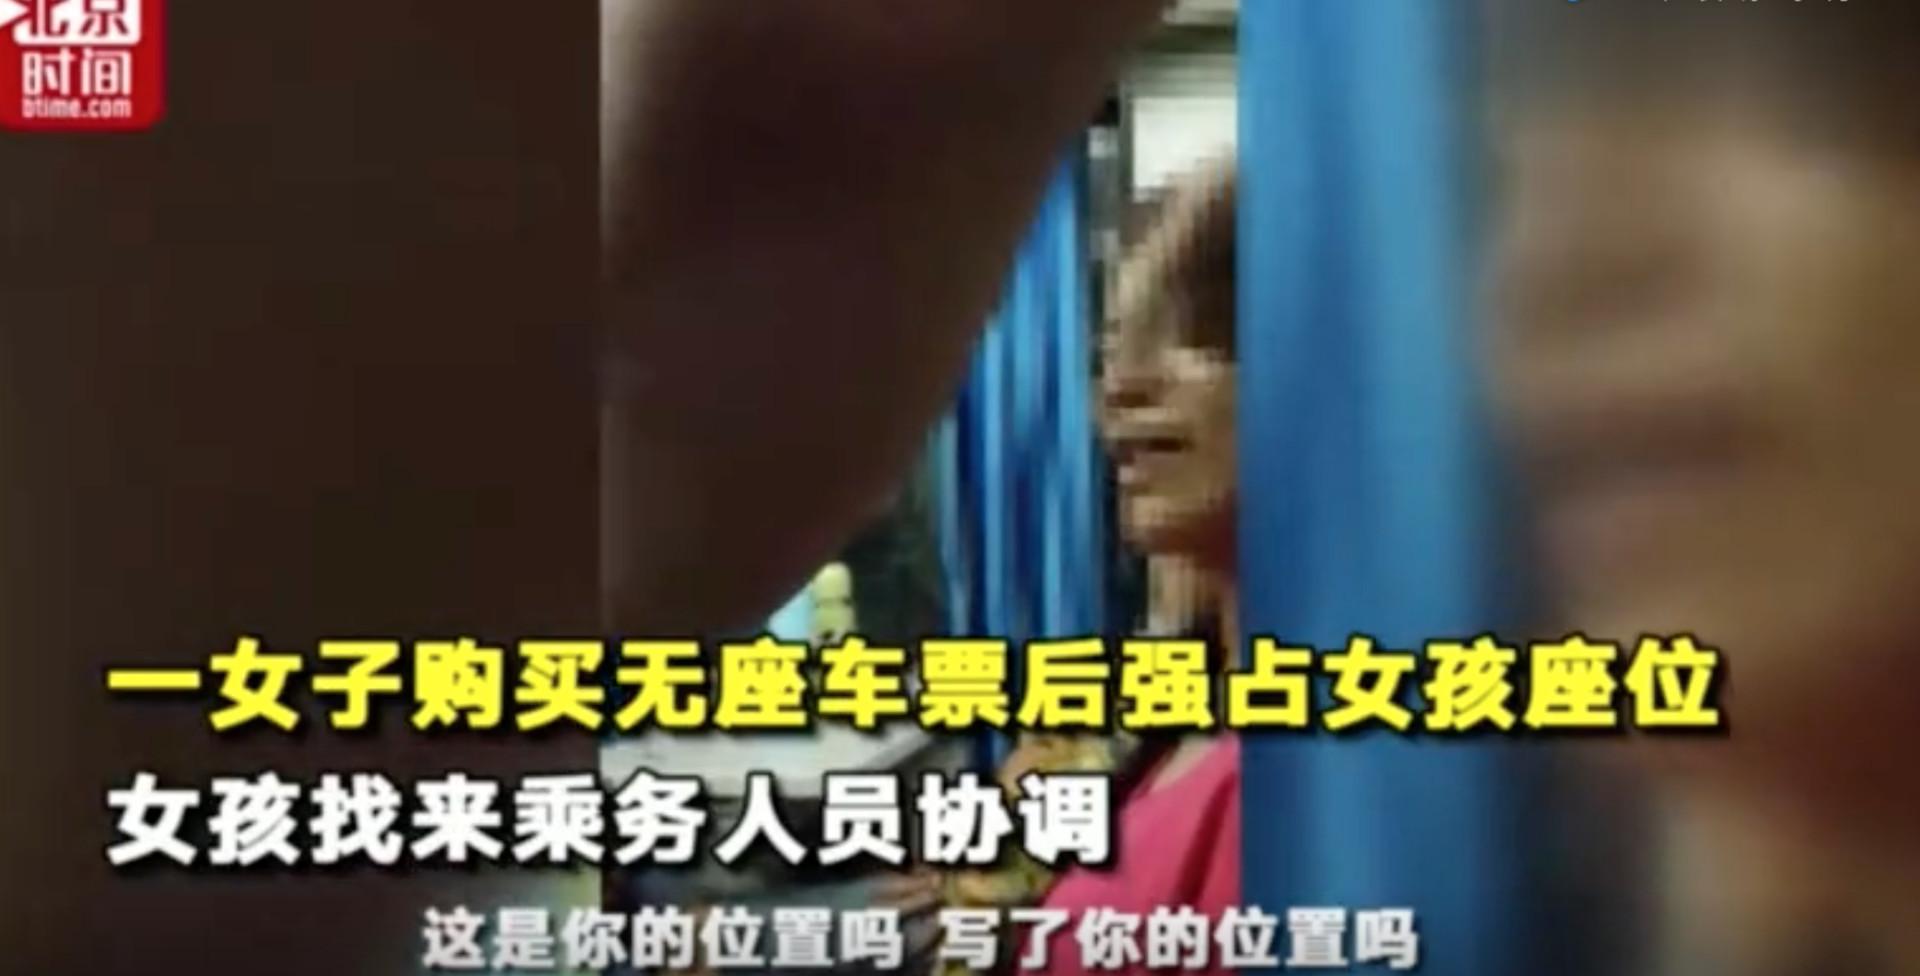 高铁奇葩乘客:博士霸座假装瘫痪,有人迟到报警让车等人